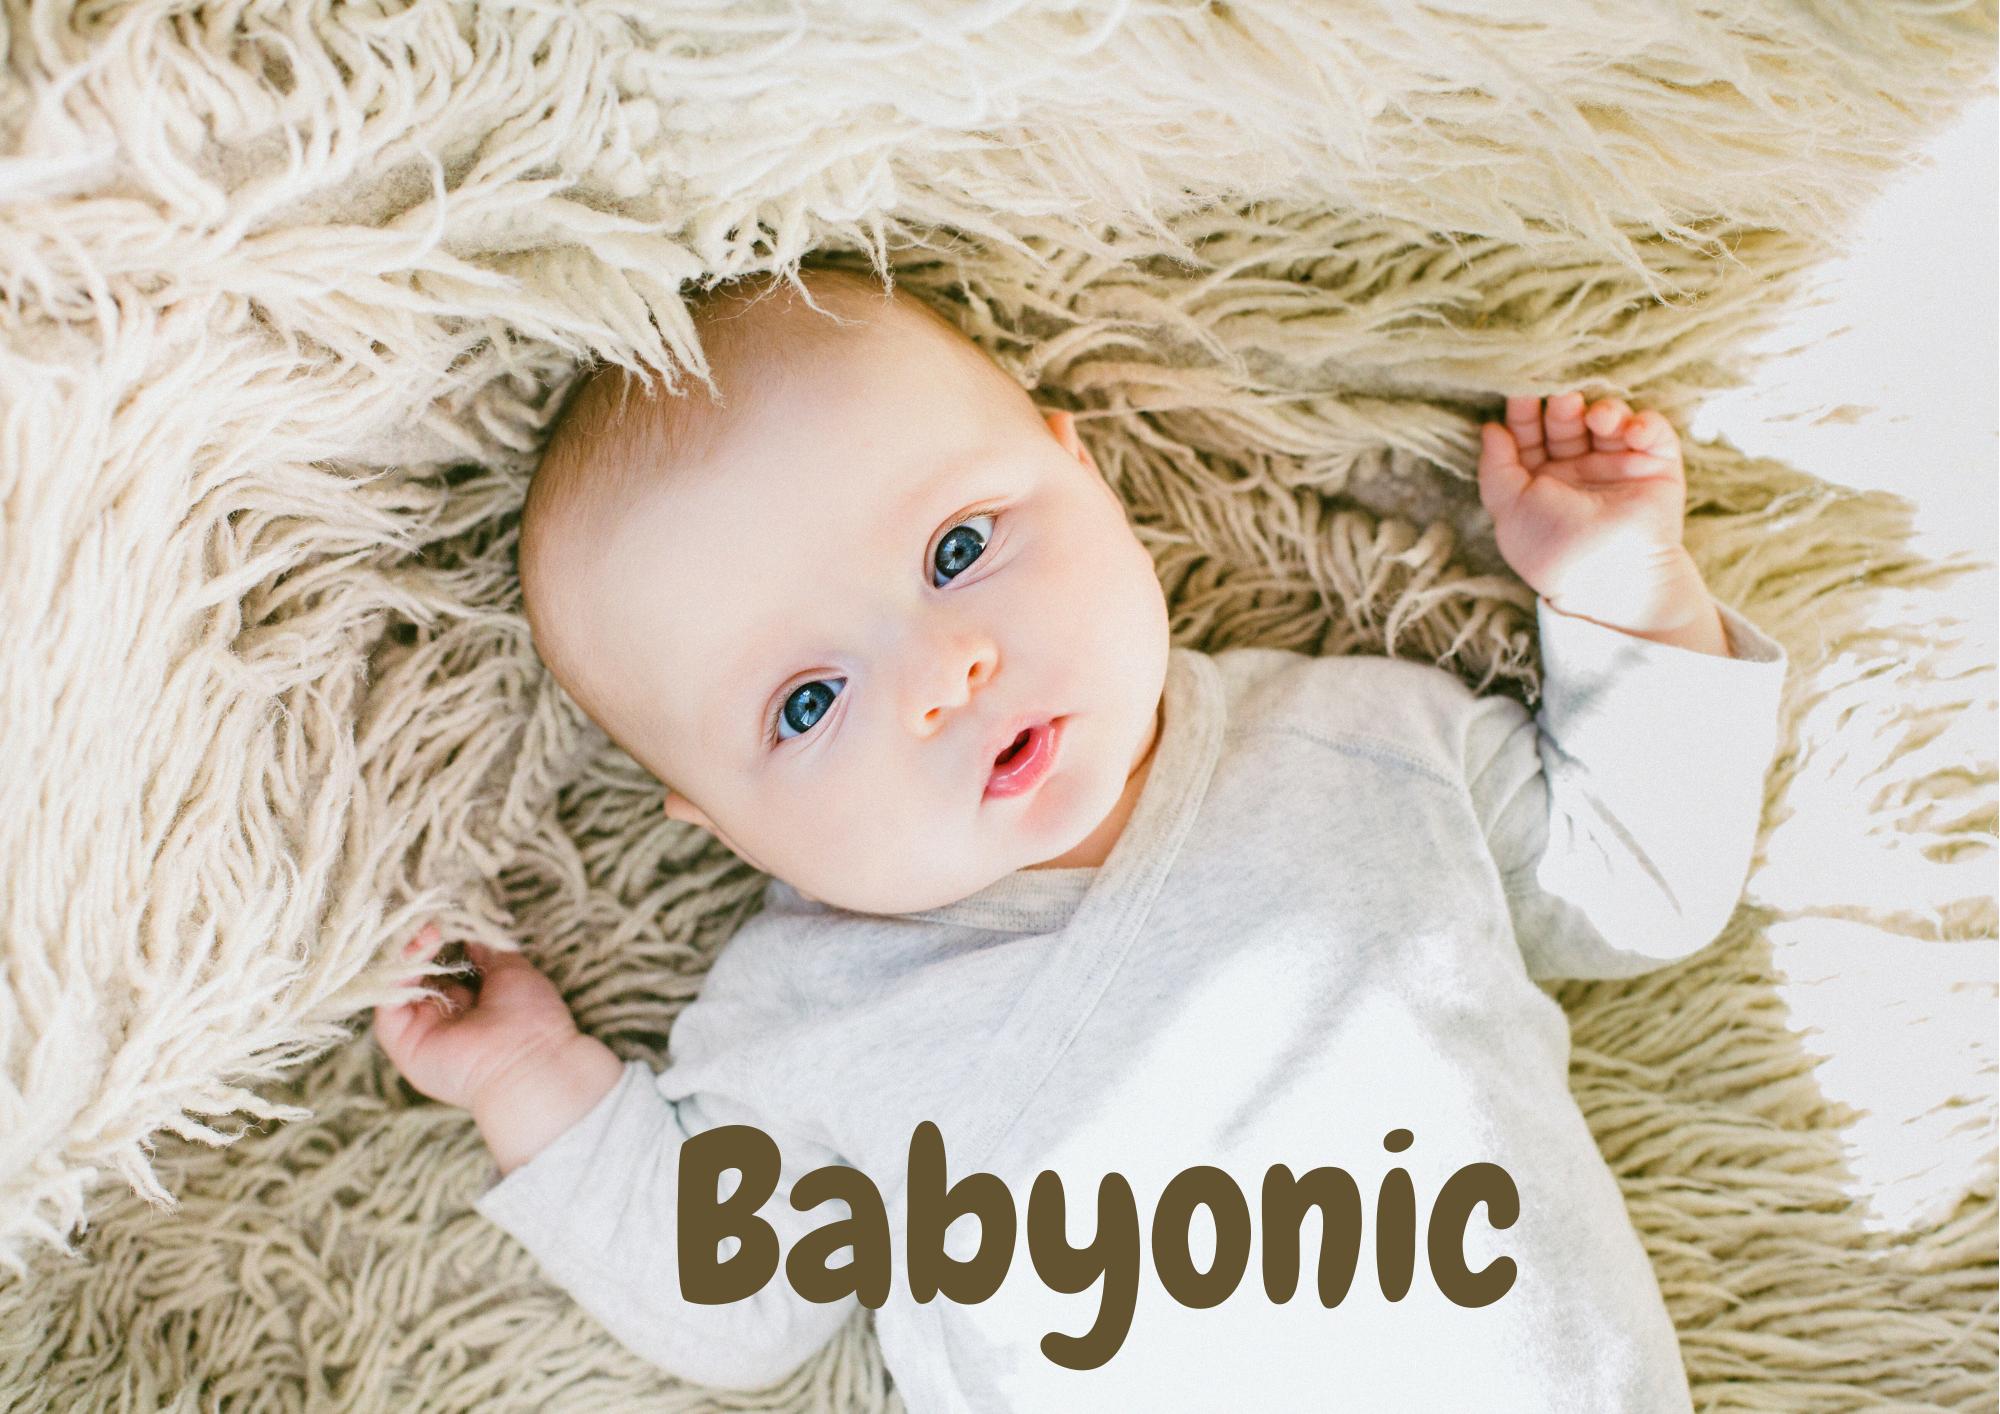 Babyonic